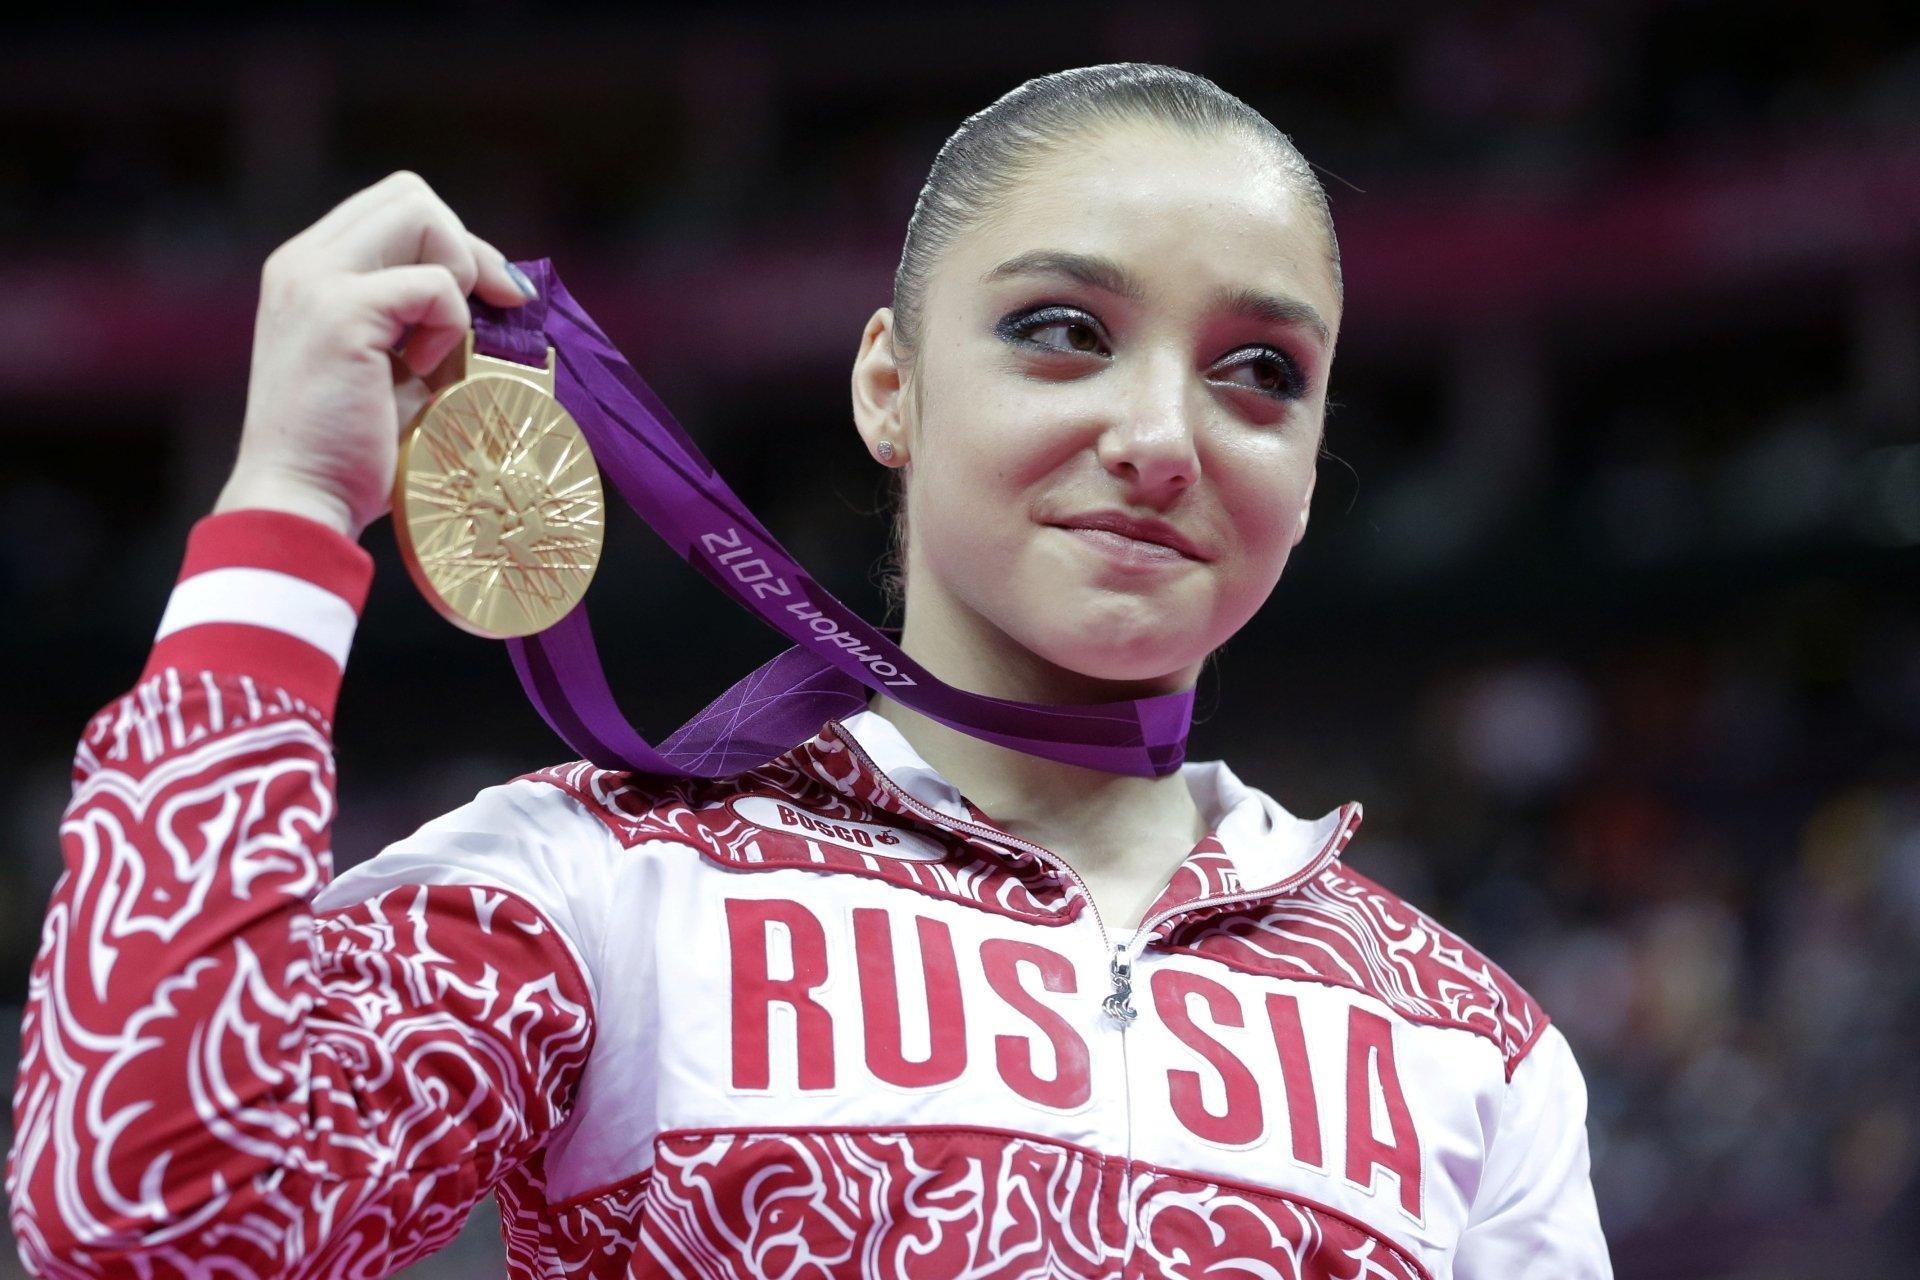 Фото российских актрис членом во рту этого